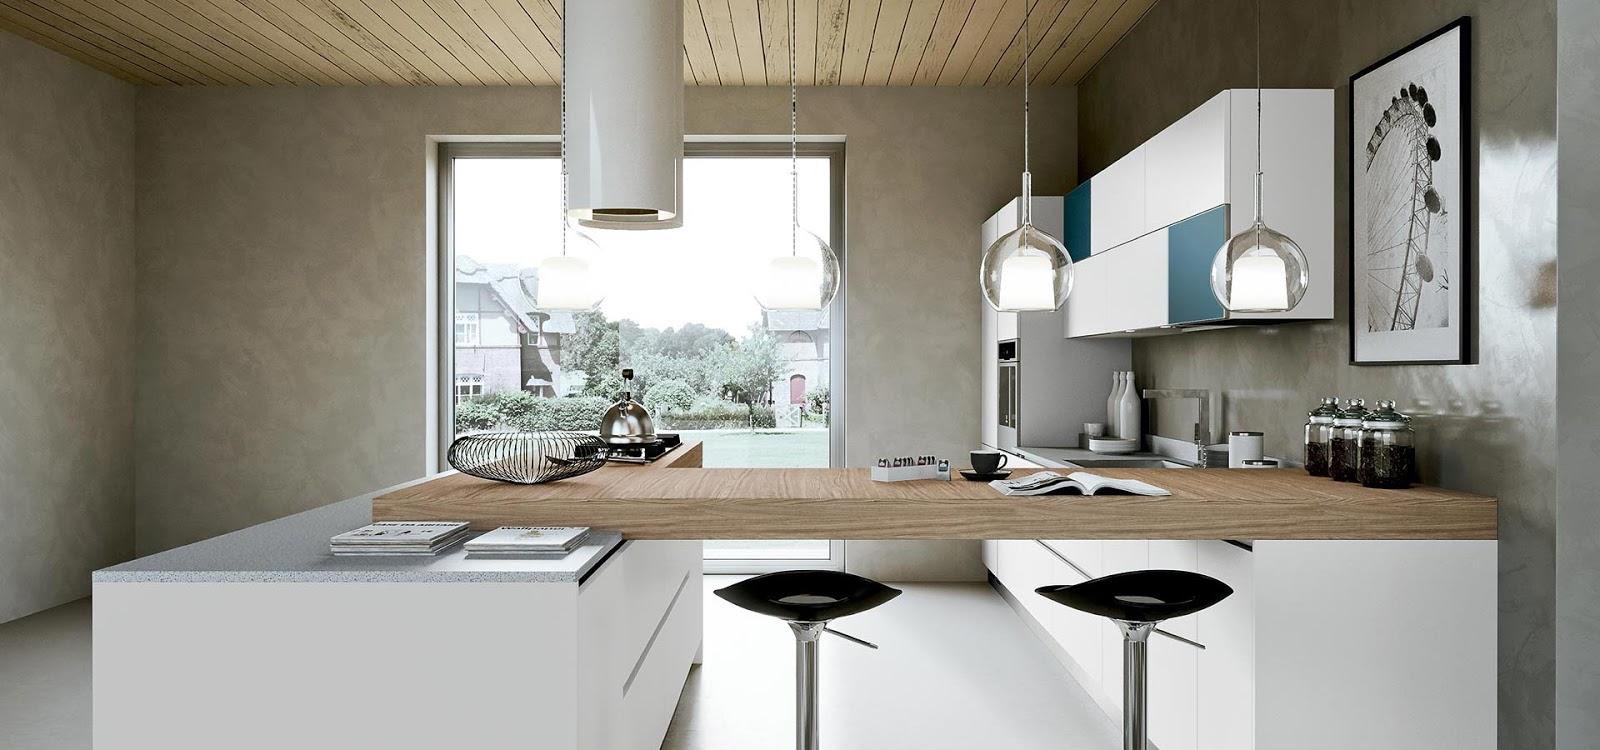 Nowoczesna kuchnia z oknem  Bajkowe Wnętrza -> Aranżacja Kuchni Z Niskim Oknem